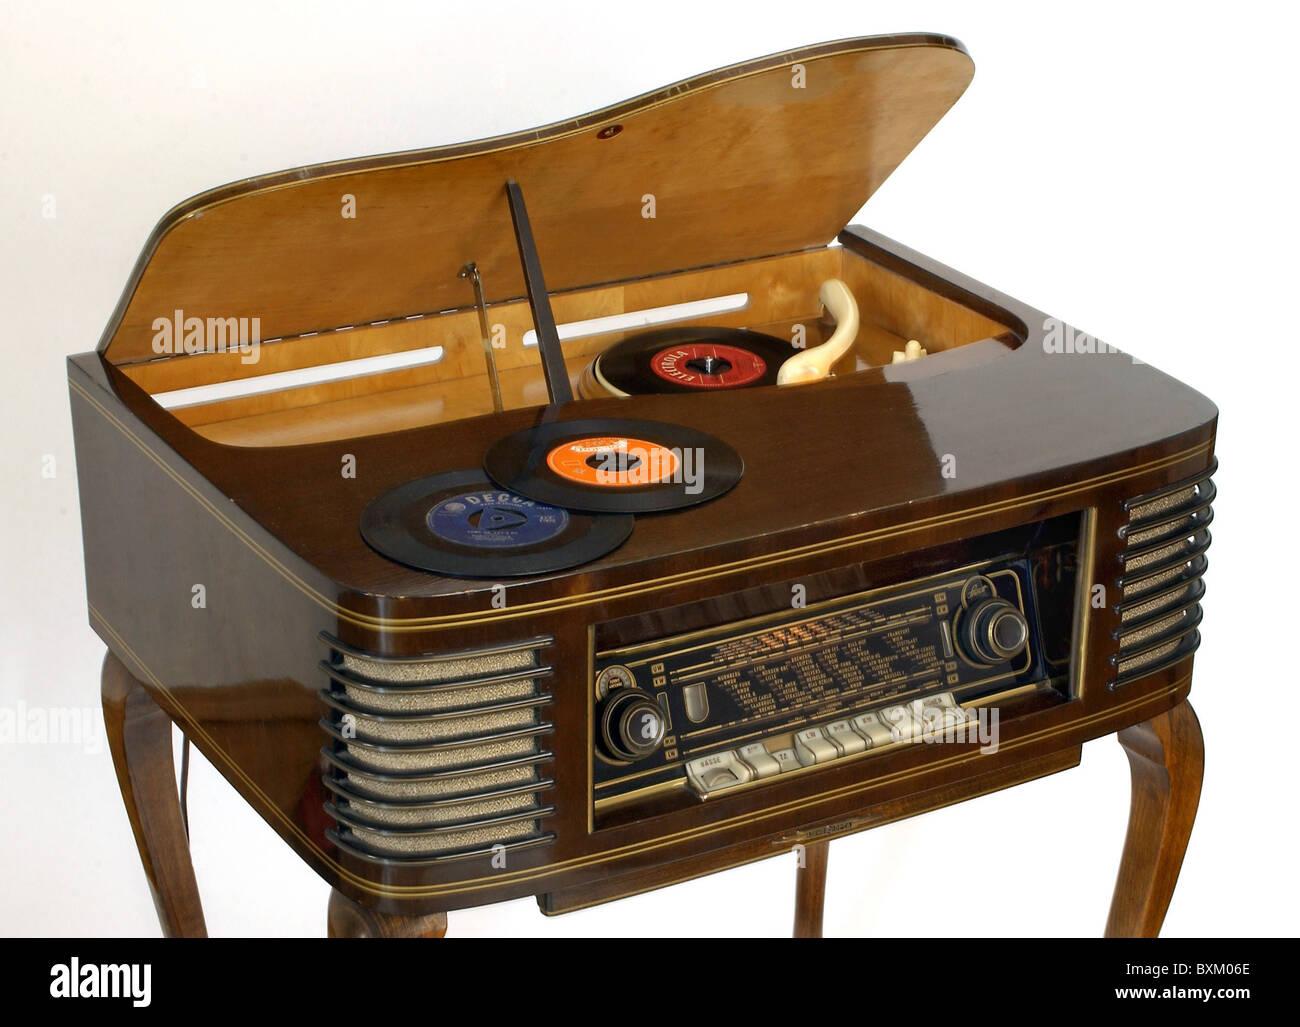 technics, radio, radio set Loewe-Opta Spinett 551 TP, music